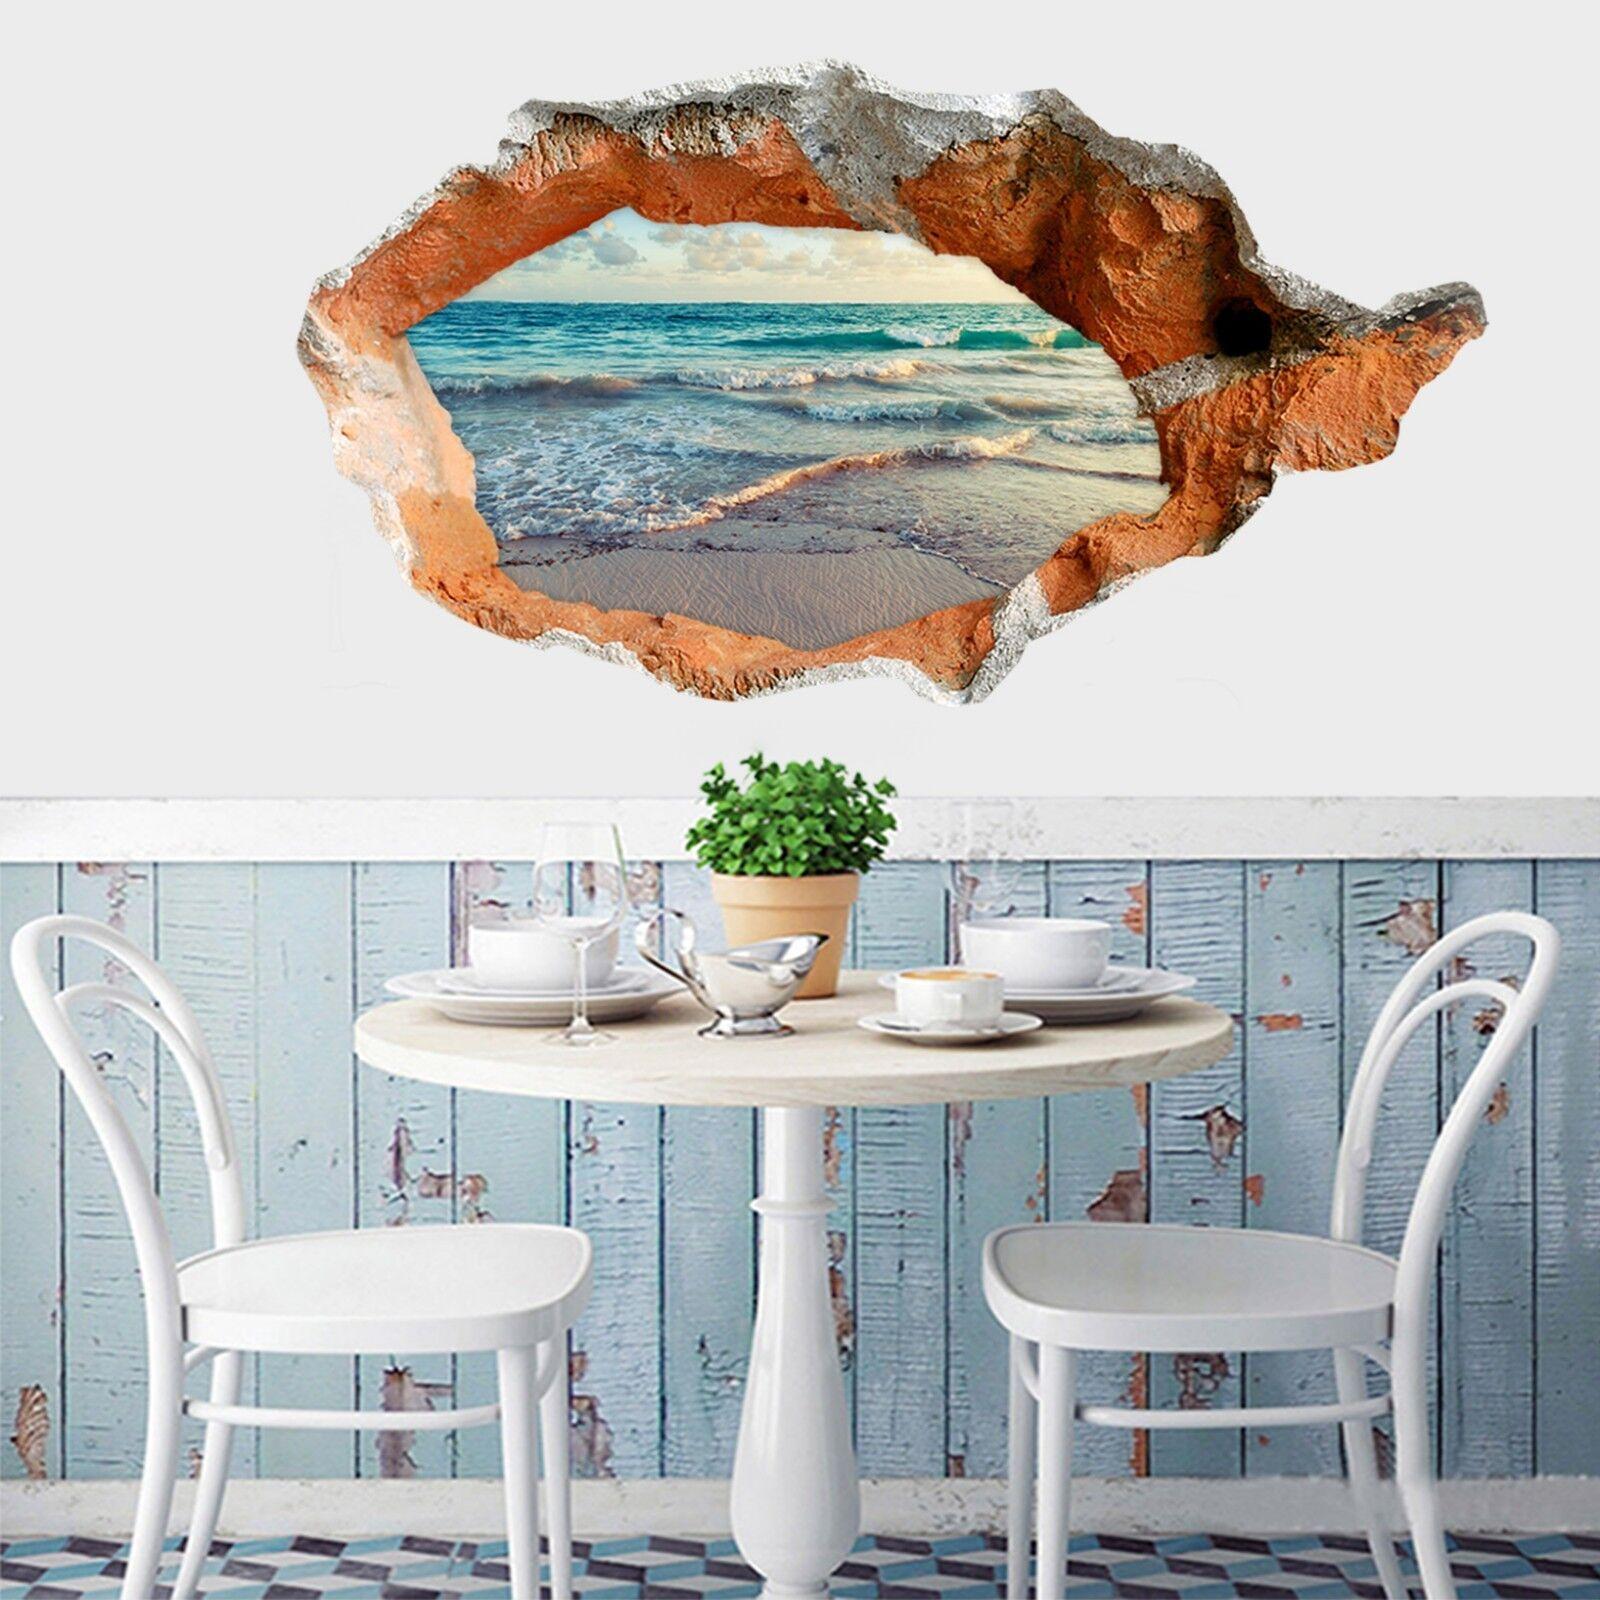 3D Meereswellen 169 Mauer Murals Mauer Aufklebe Decal Durchbruch AJ WALLPAPER DE